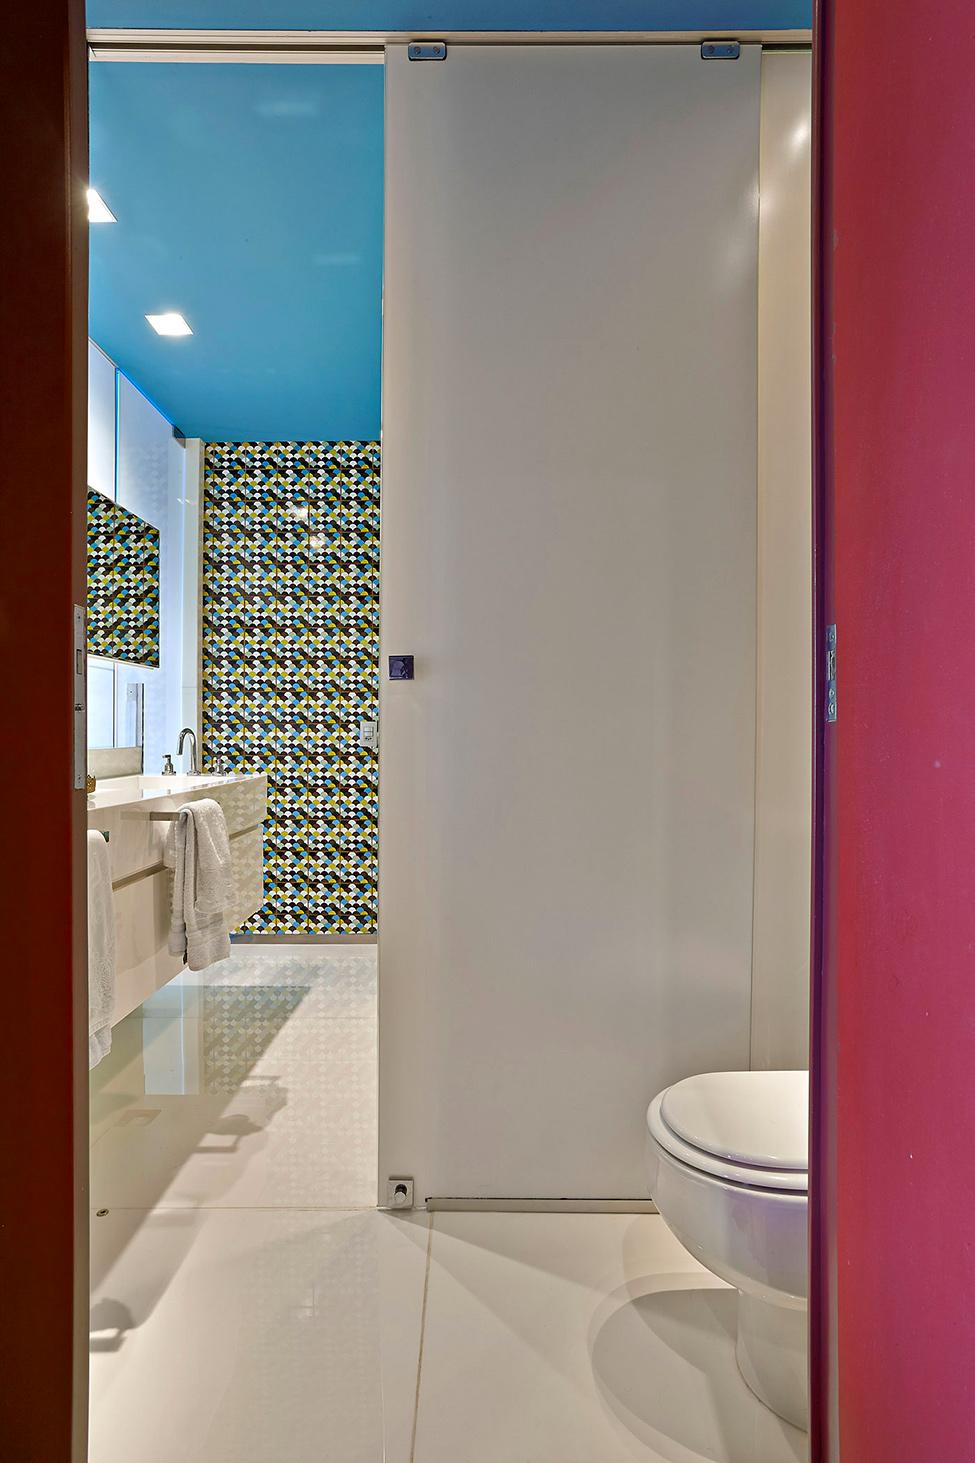 Apartamento colorido em Belo Horizonte no blog Detalhes Magicos